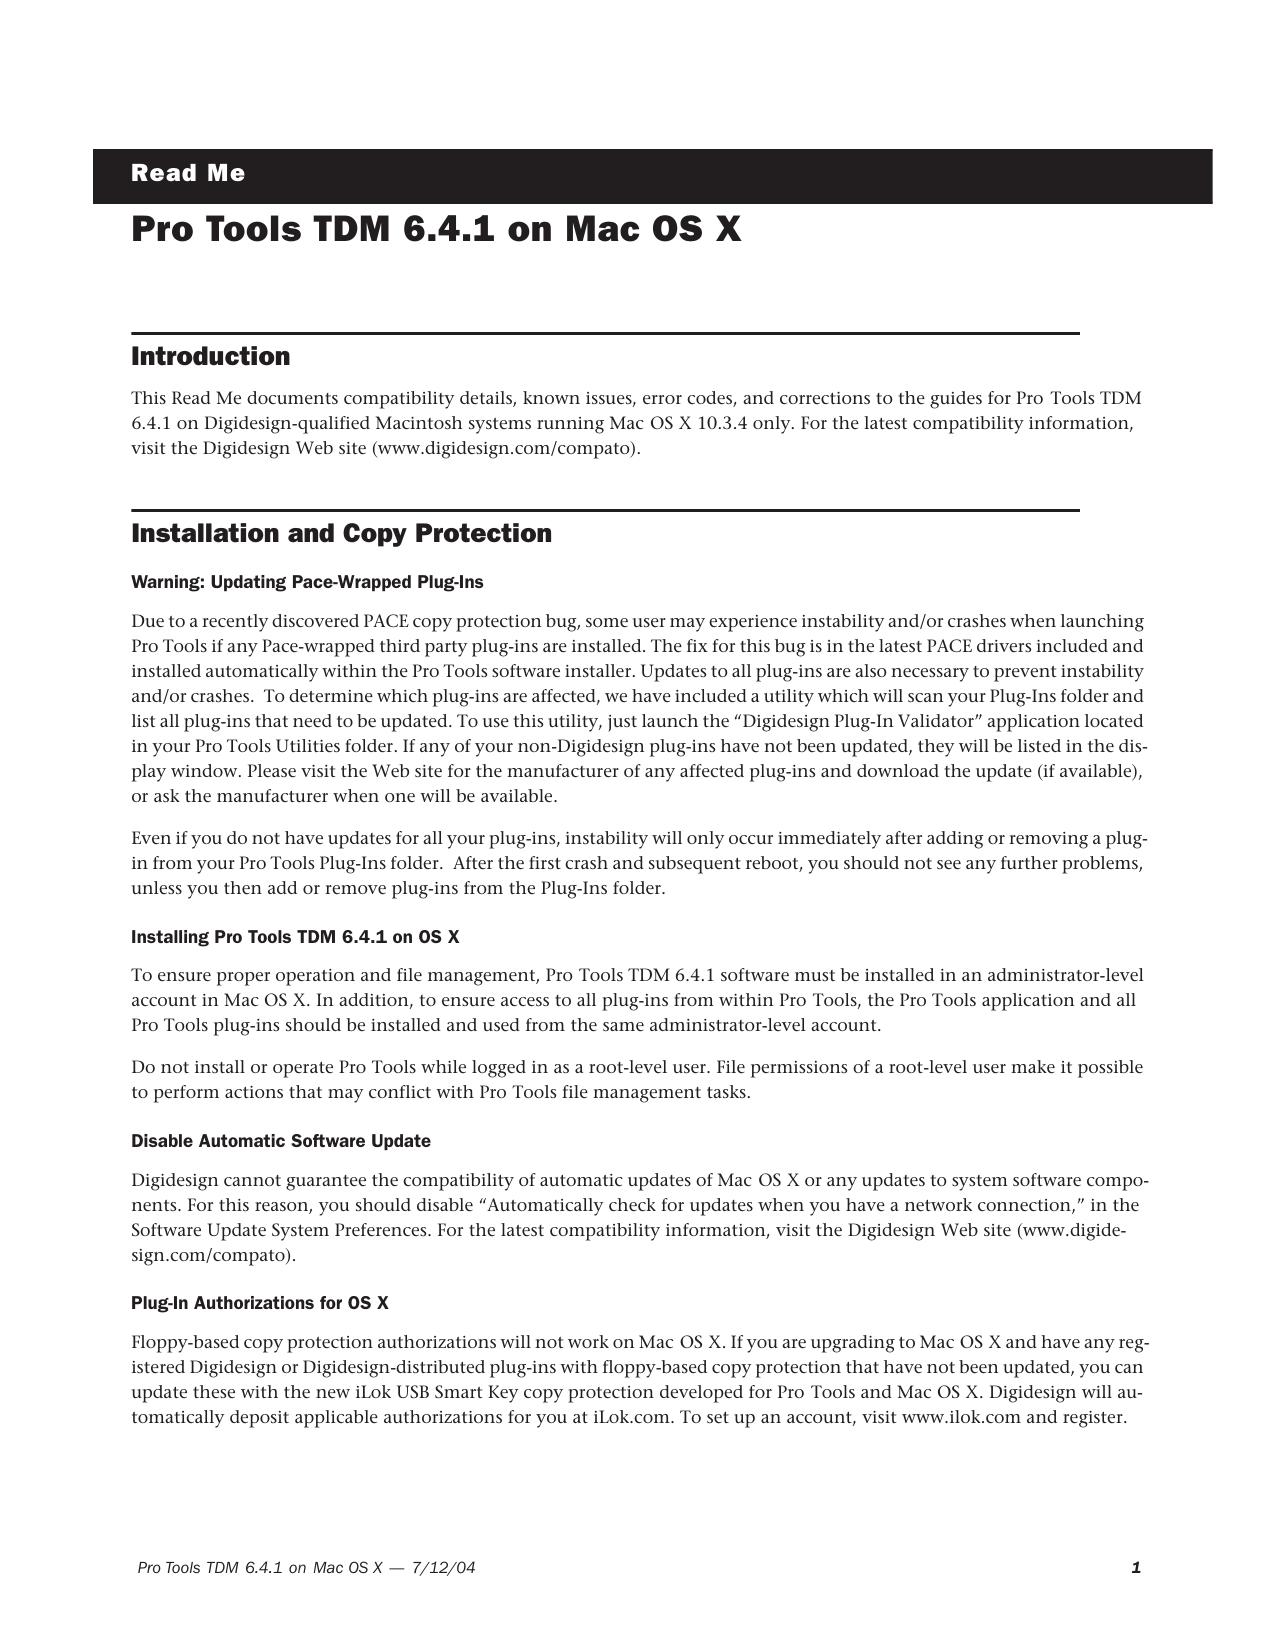 Pro Tools TDM 6 4 1 Read Me | manualzz com